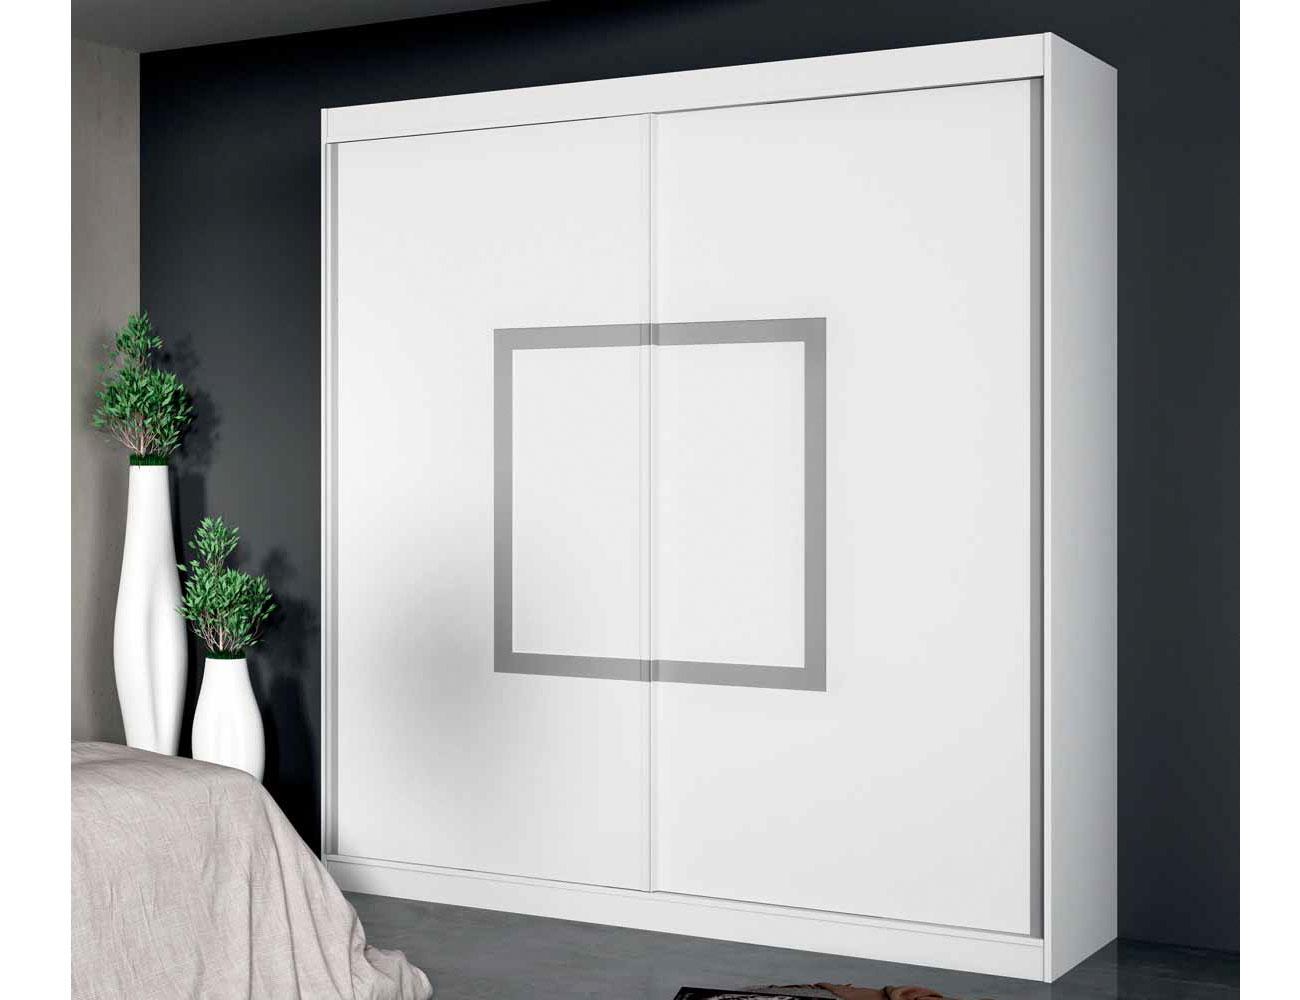 Armario 2 puertas correderas en madera color blanco con - Armario blanco puertas correderas ...